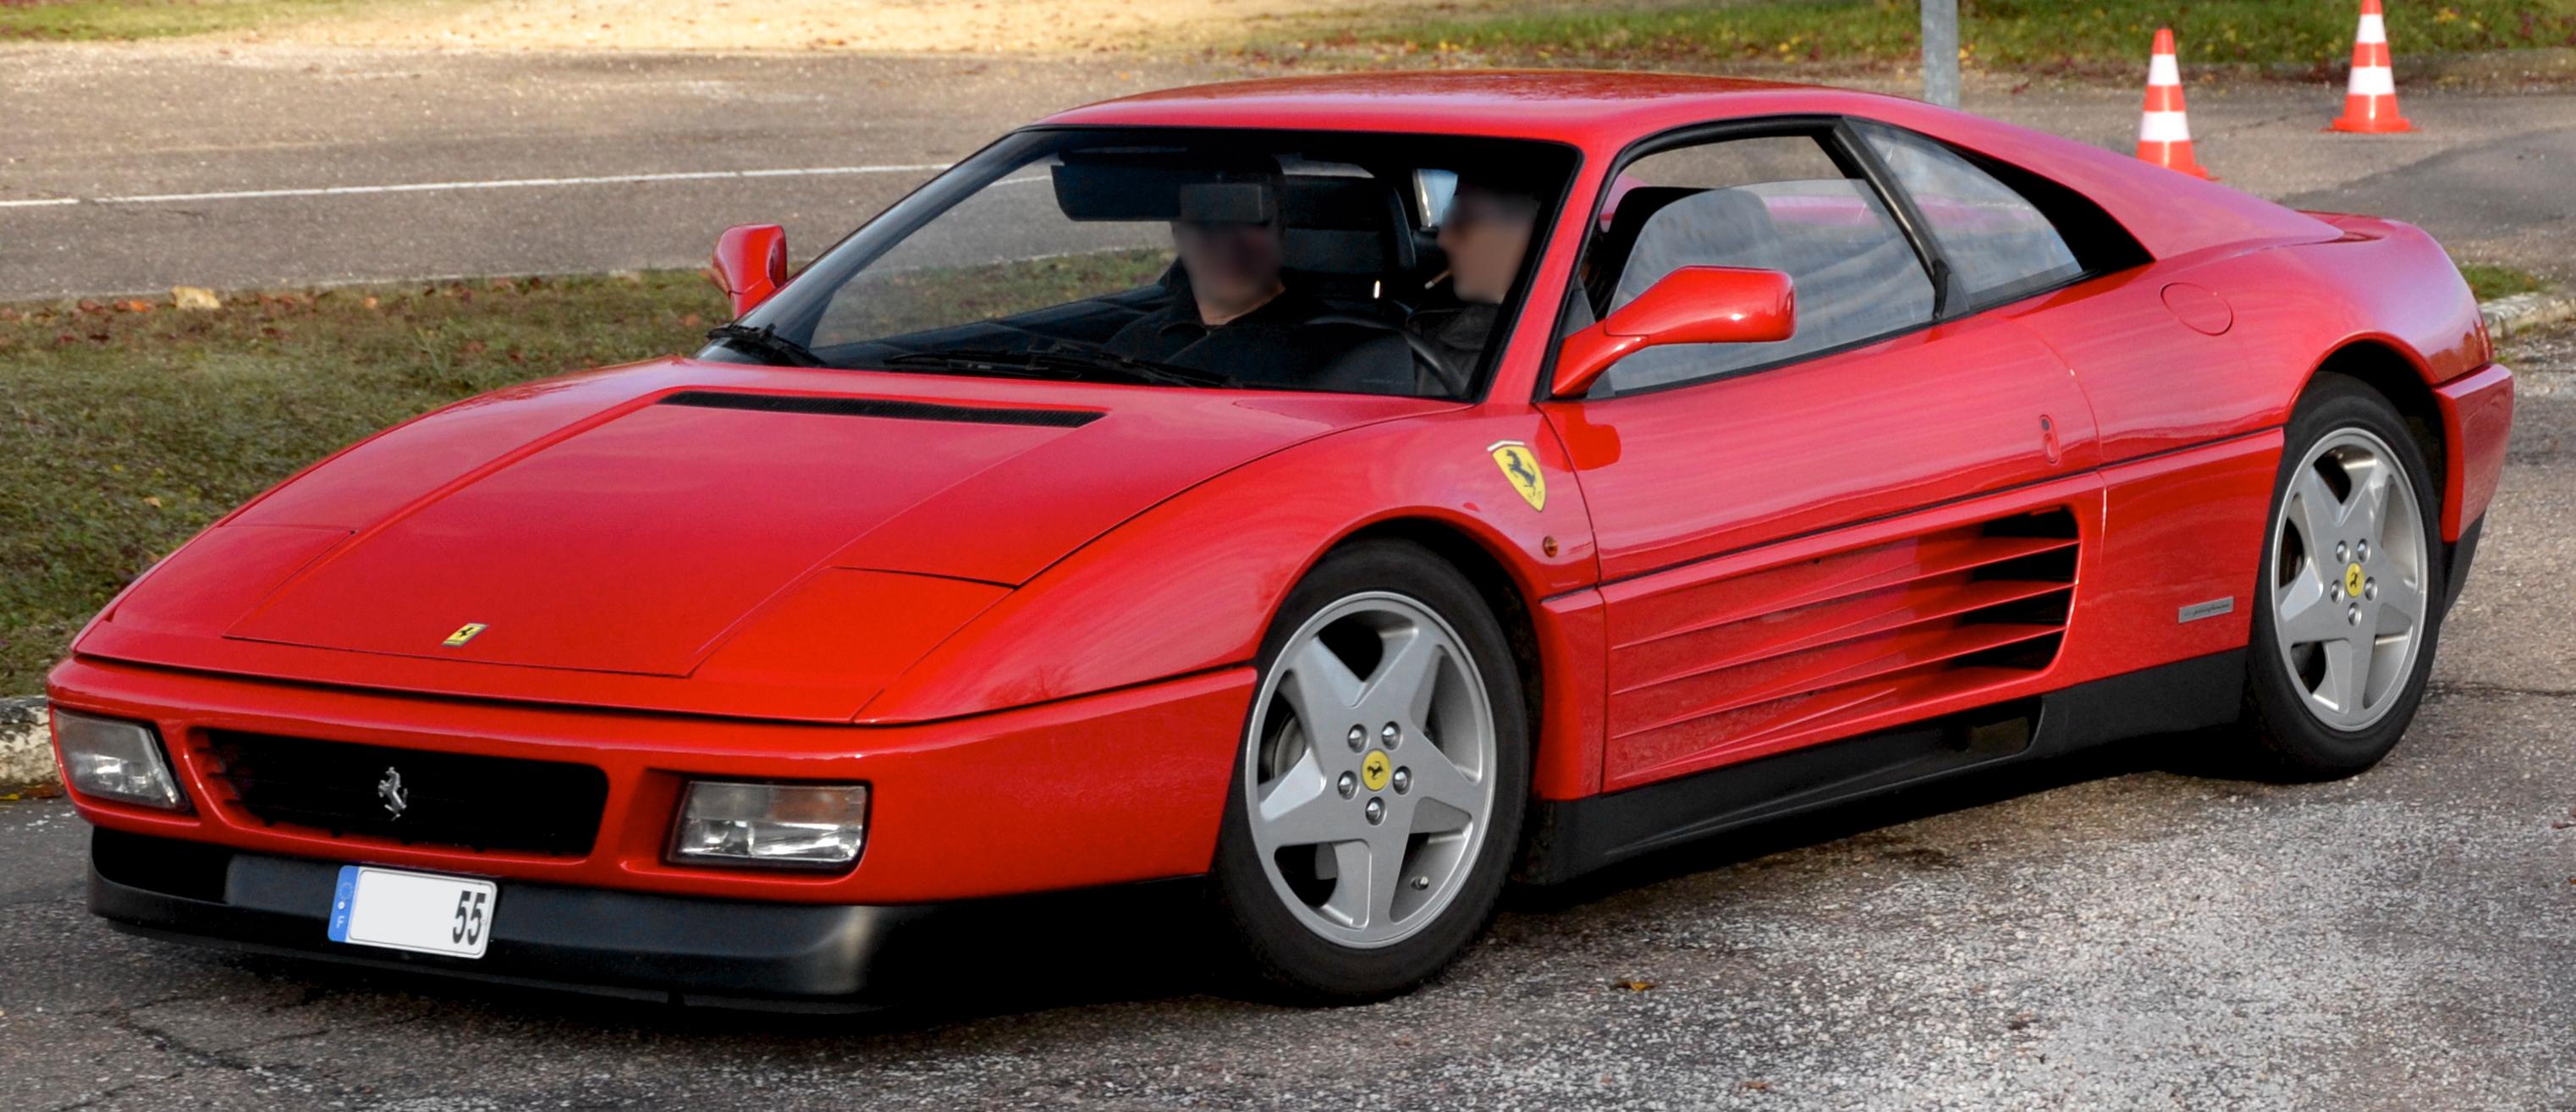 Ferrari_348_-_Flickr_-_Alexandre_Pr%C3%A9vot_%282%29_%28cropped%29 Remarkable Ferrari Mondial Rear Window Motor Cars Trend